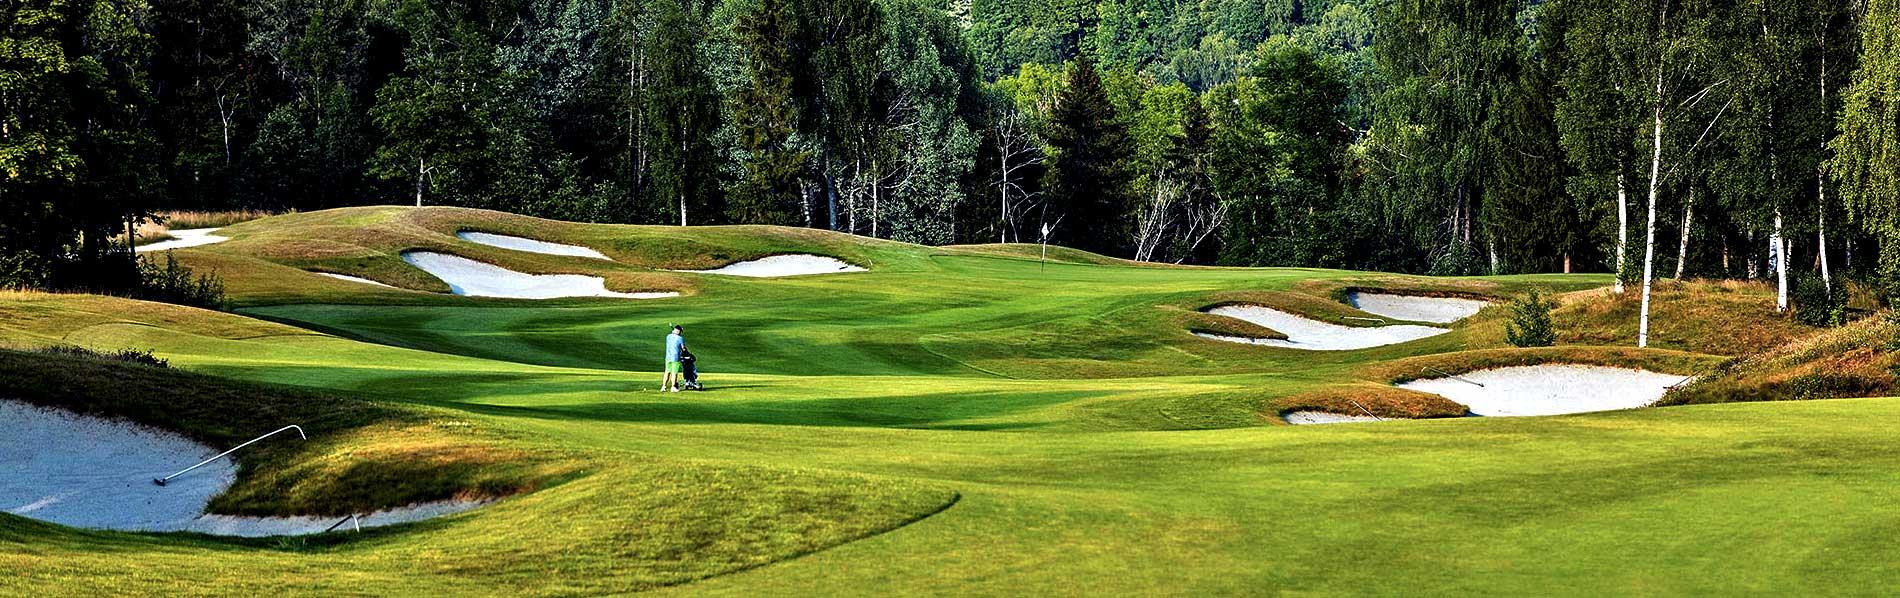 Golf for nybegynnere